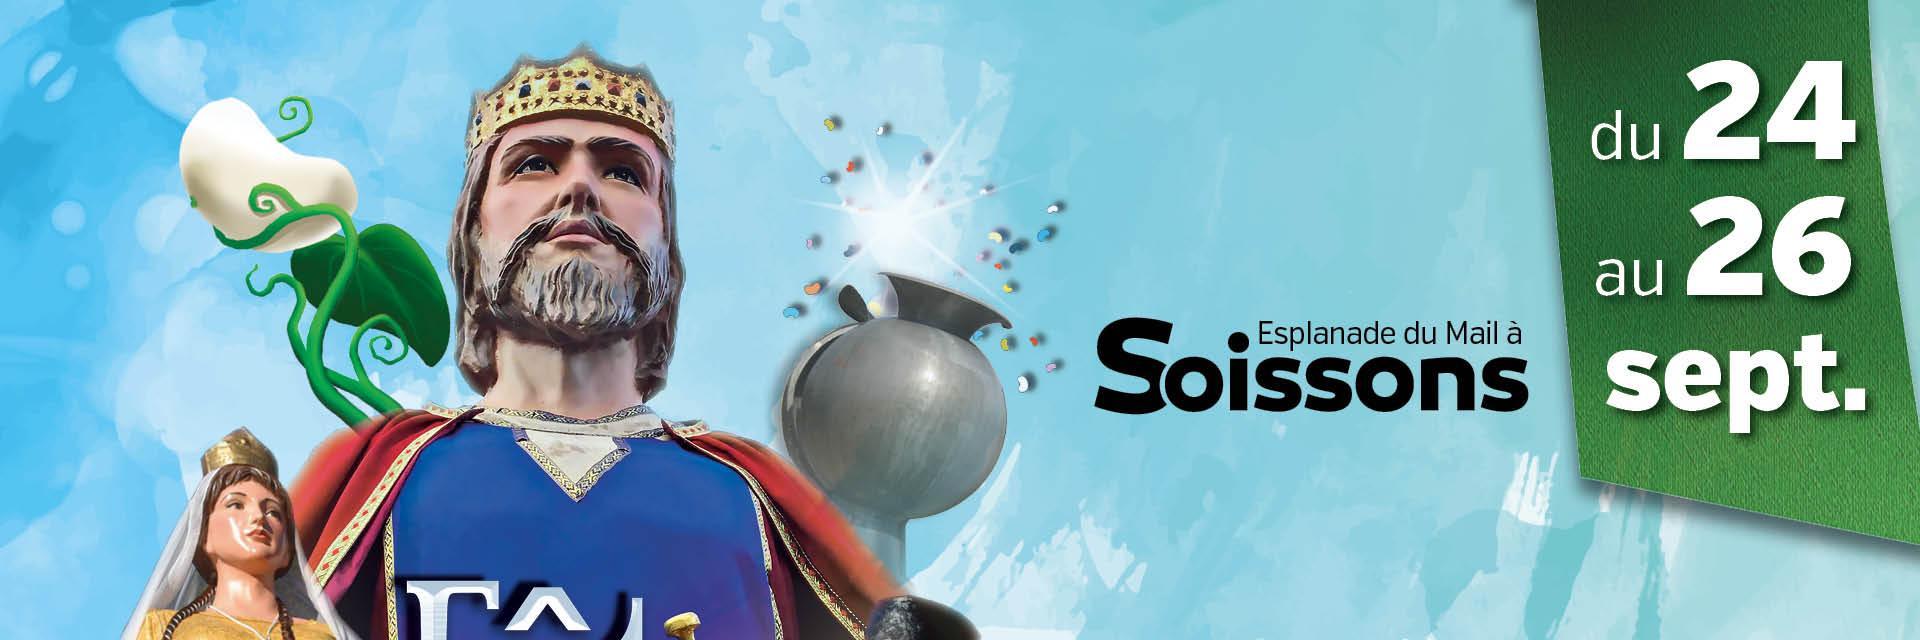 La Fête du Haricot de Soissons 2021